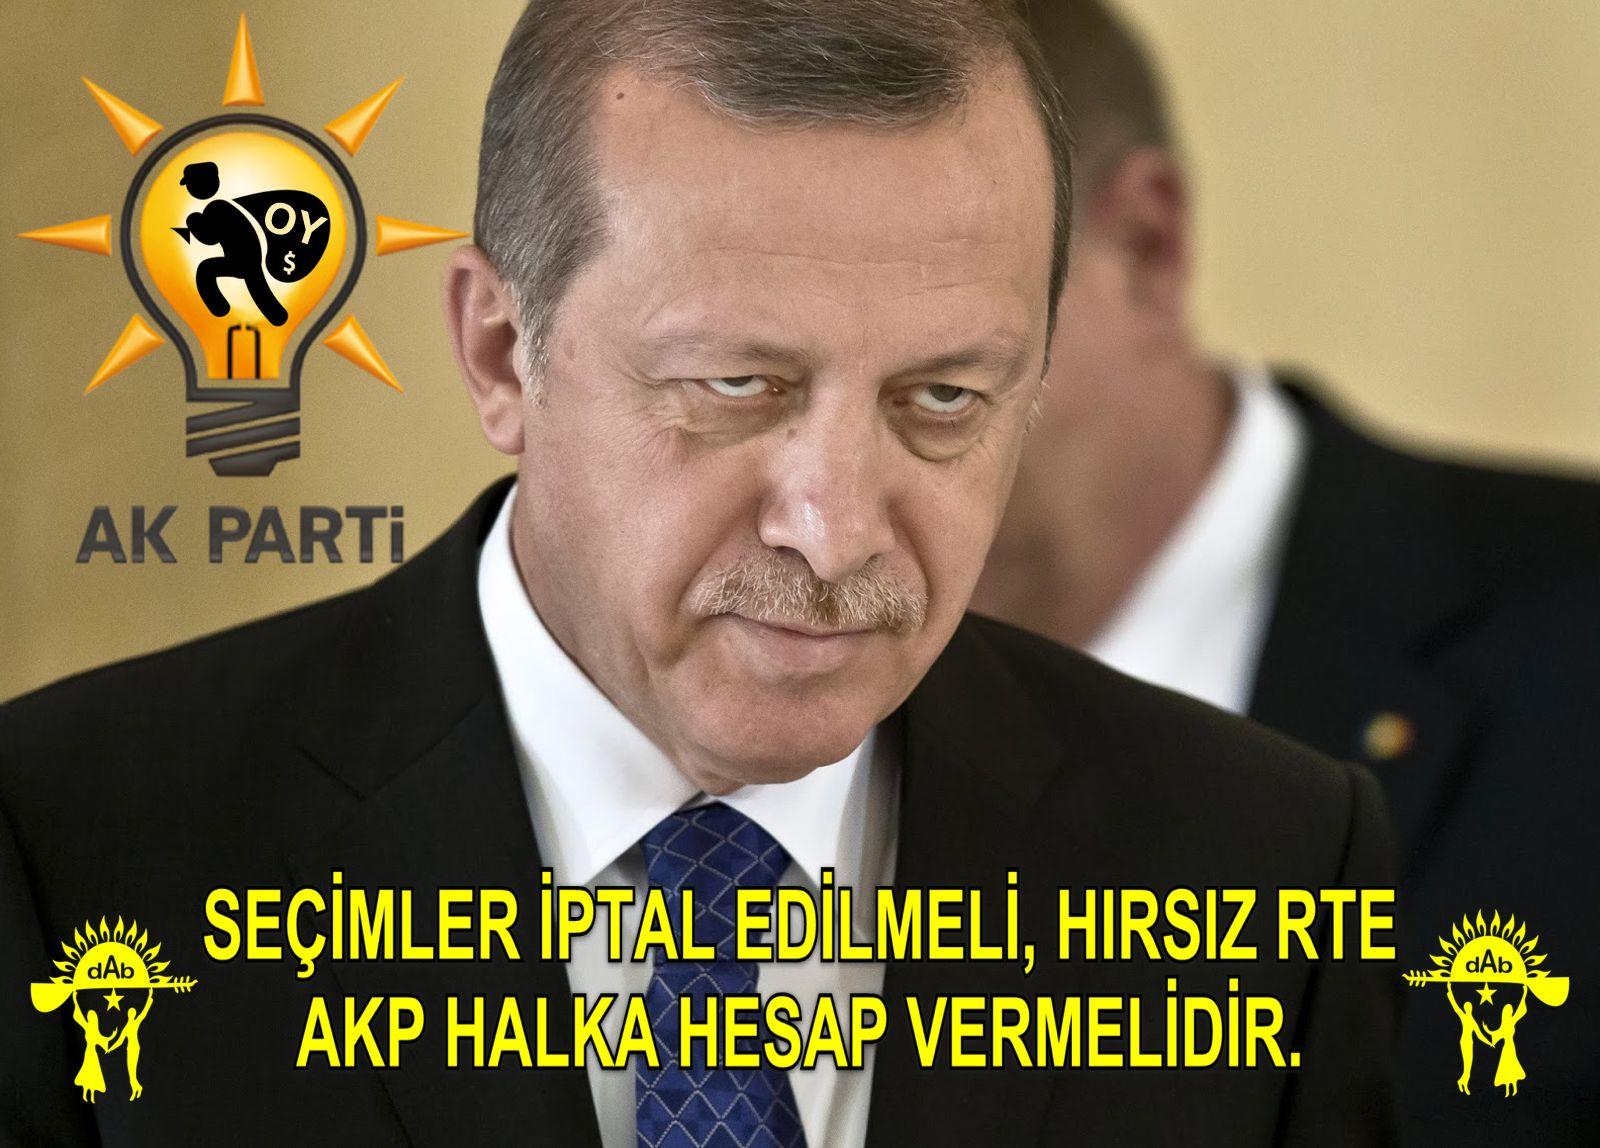 hirsiz erdogan1_1